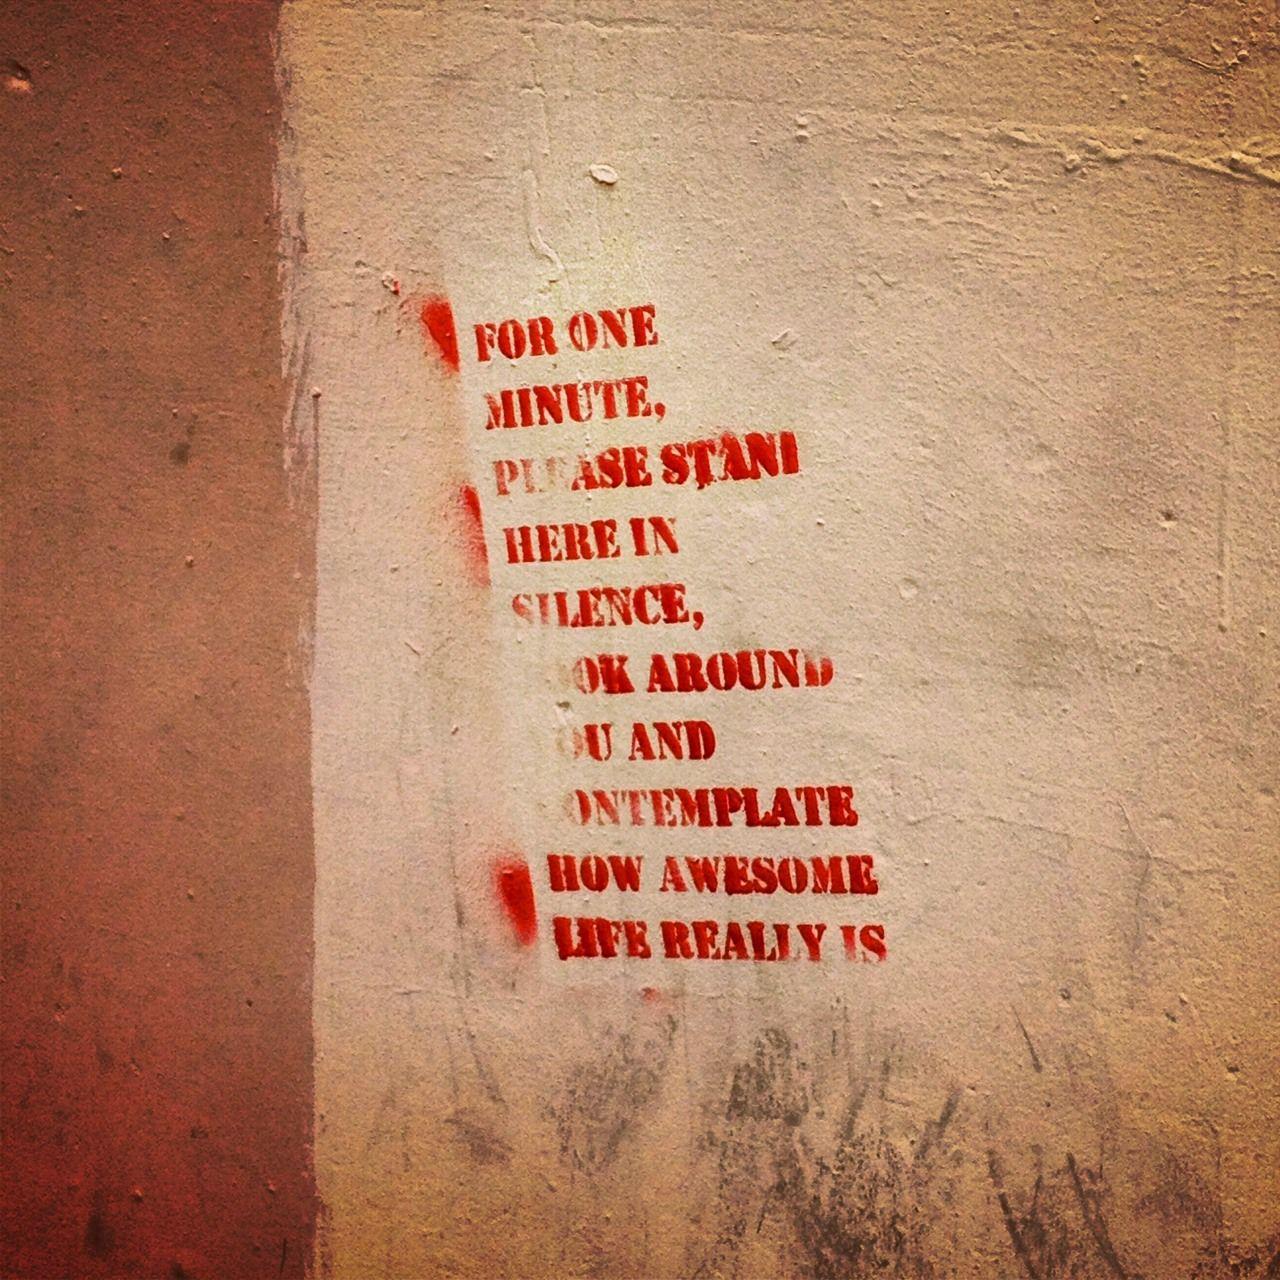 Graffiti art quotes - Meaningful Graffiti Photo